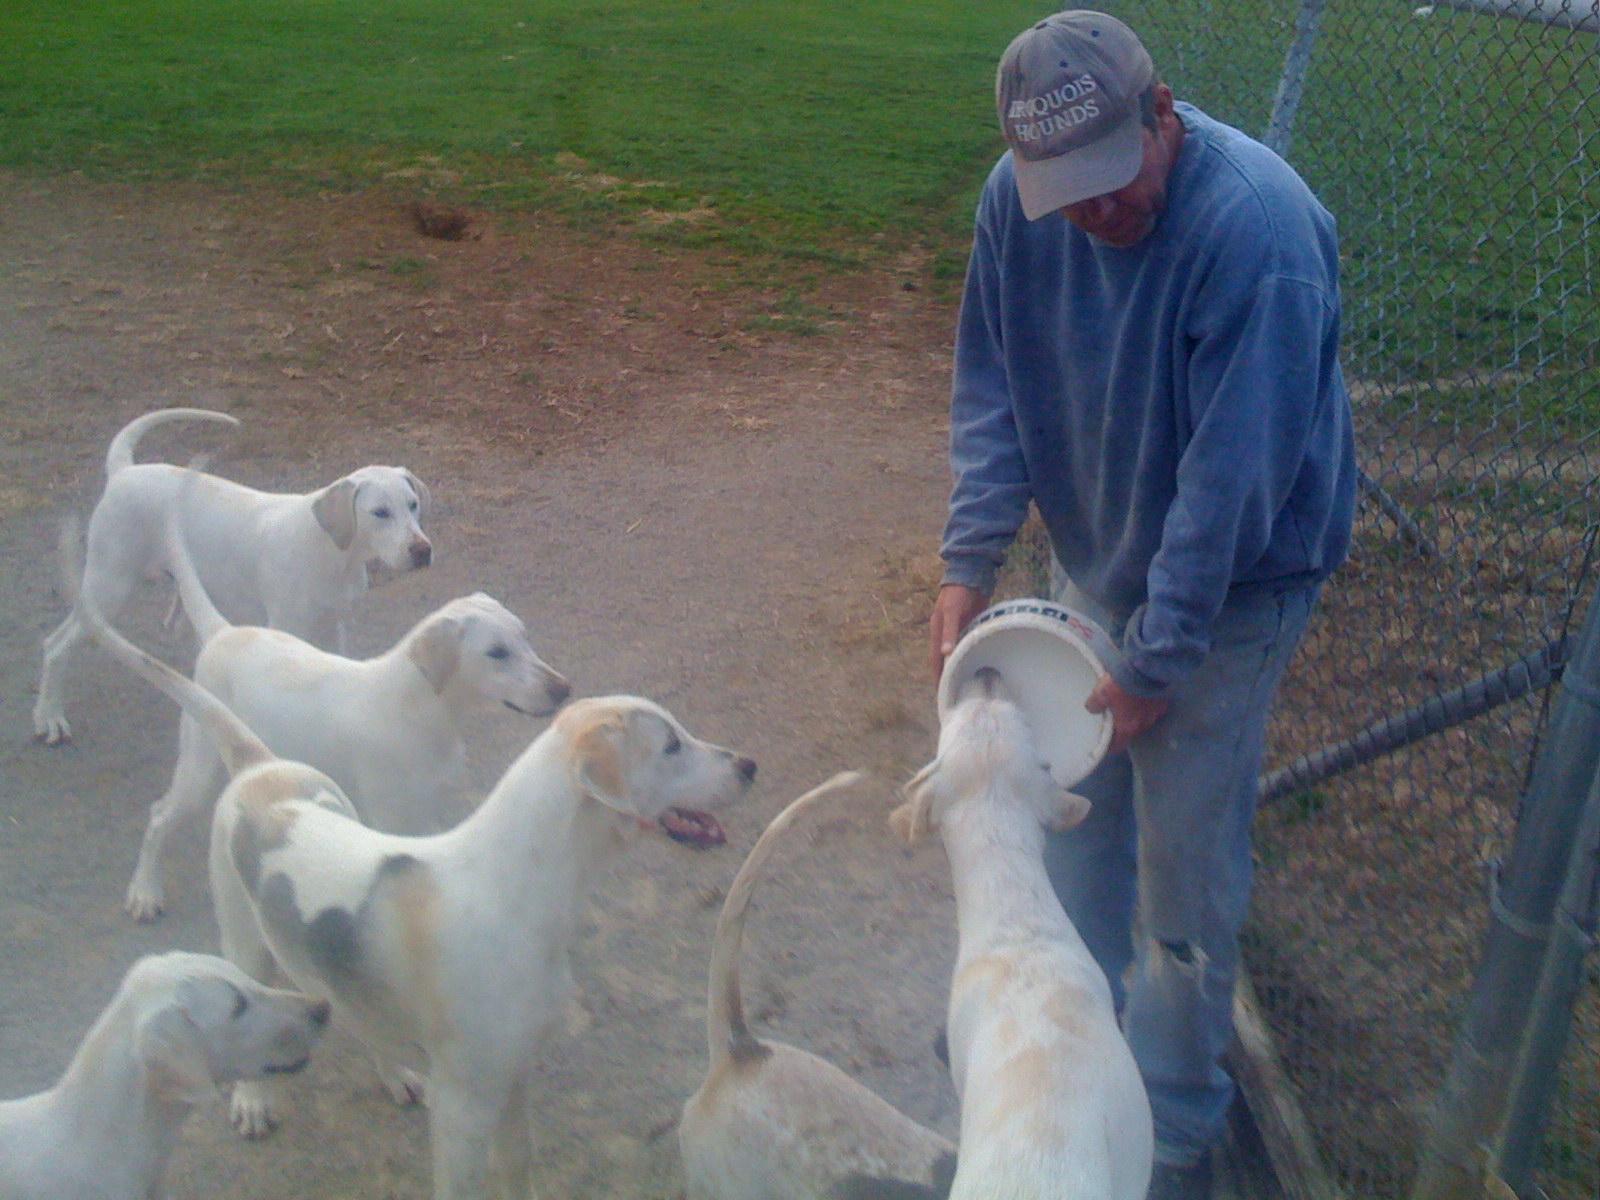 Baffle's pups Nov. 14, 2009